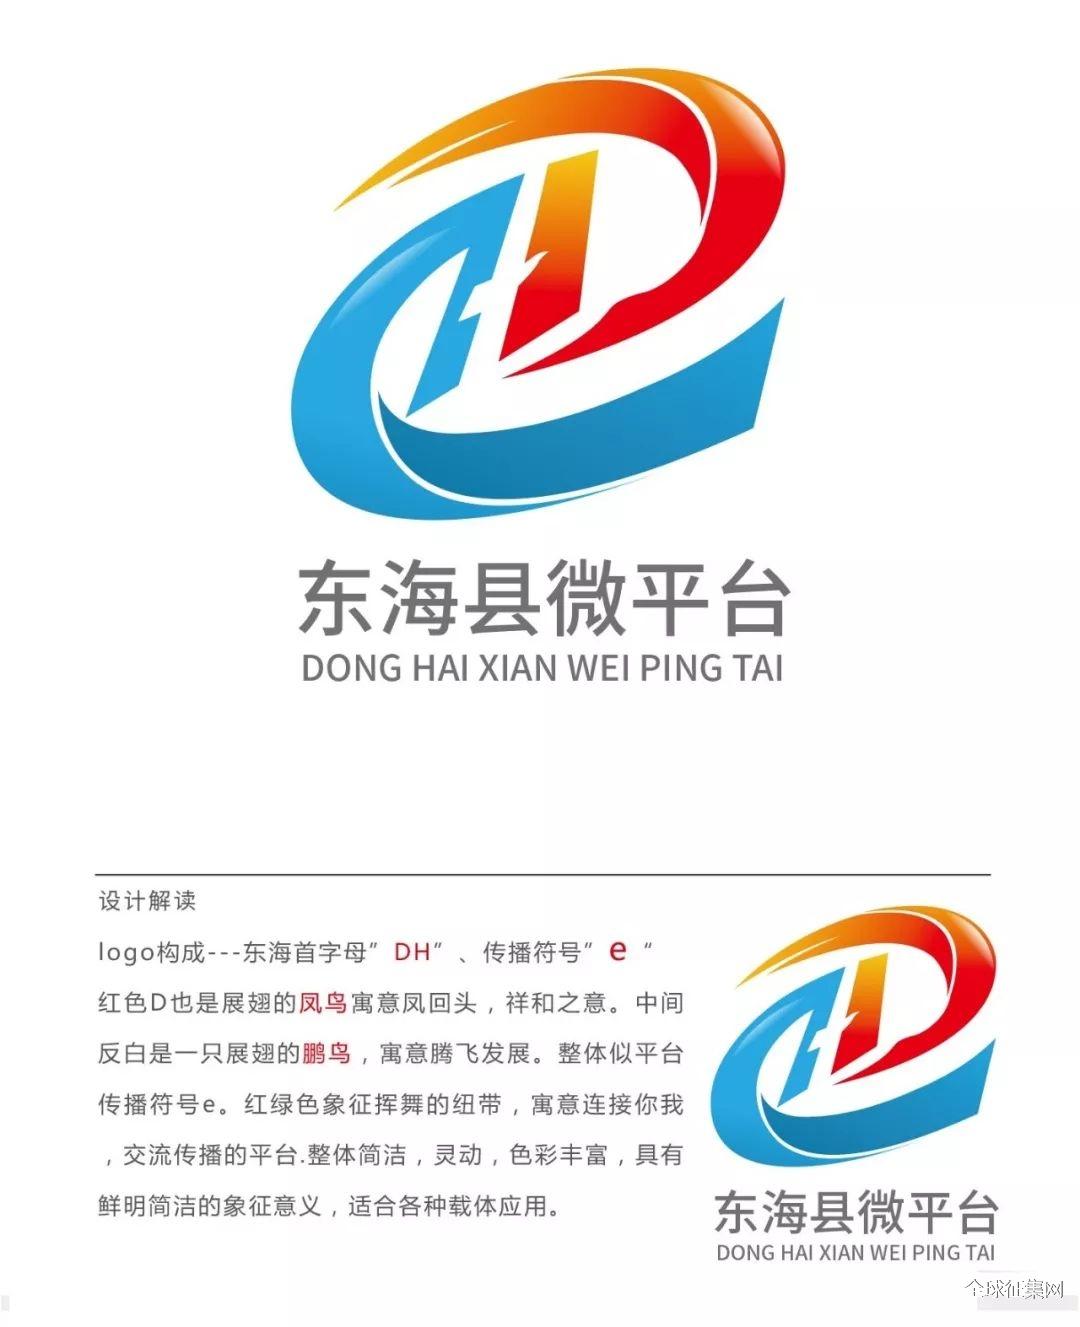 东海县微平台logo和吉祥物征集入围作品开始投票!